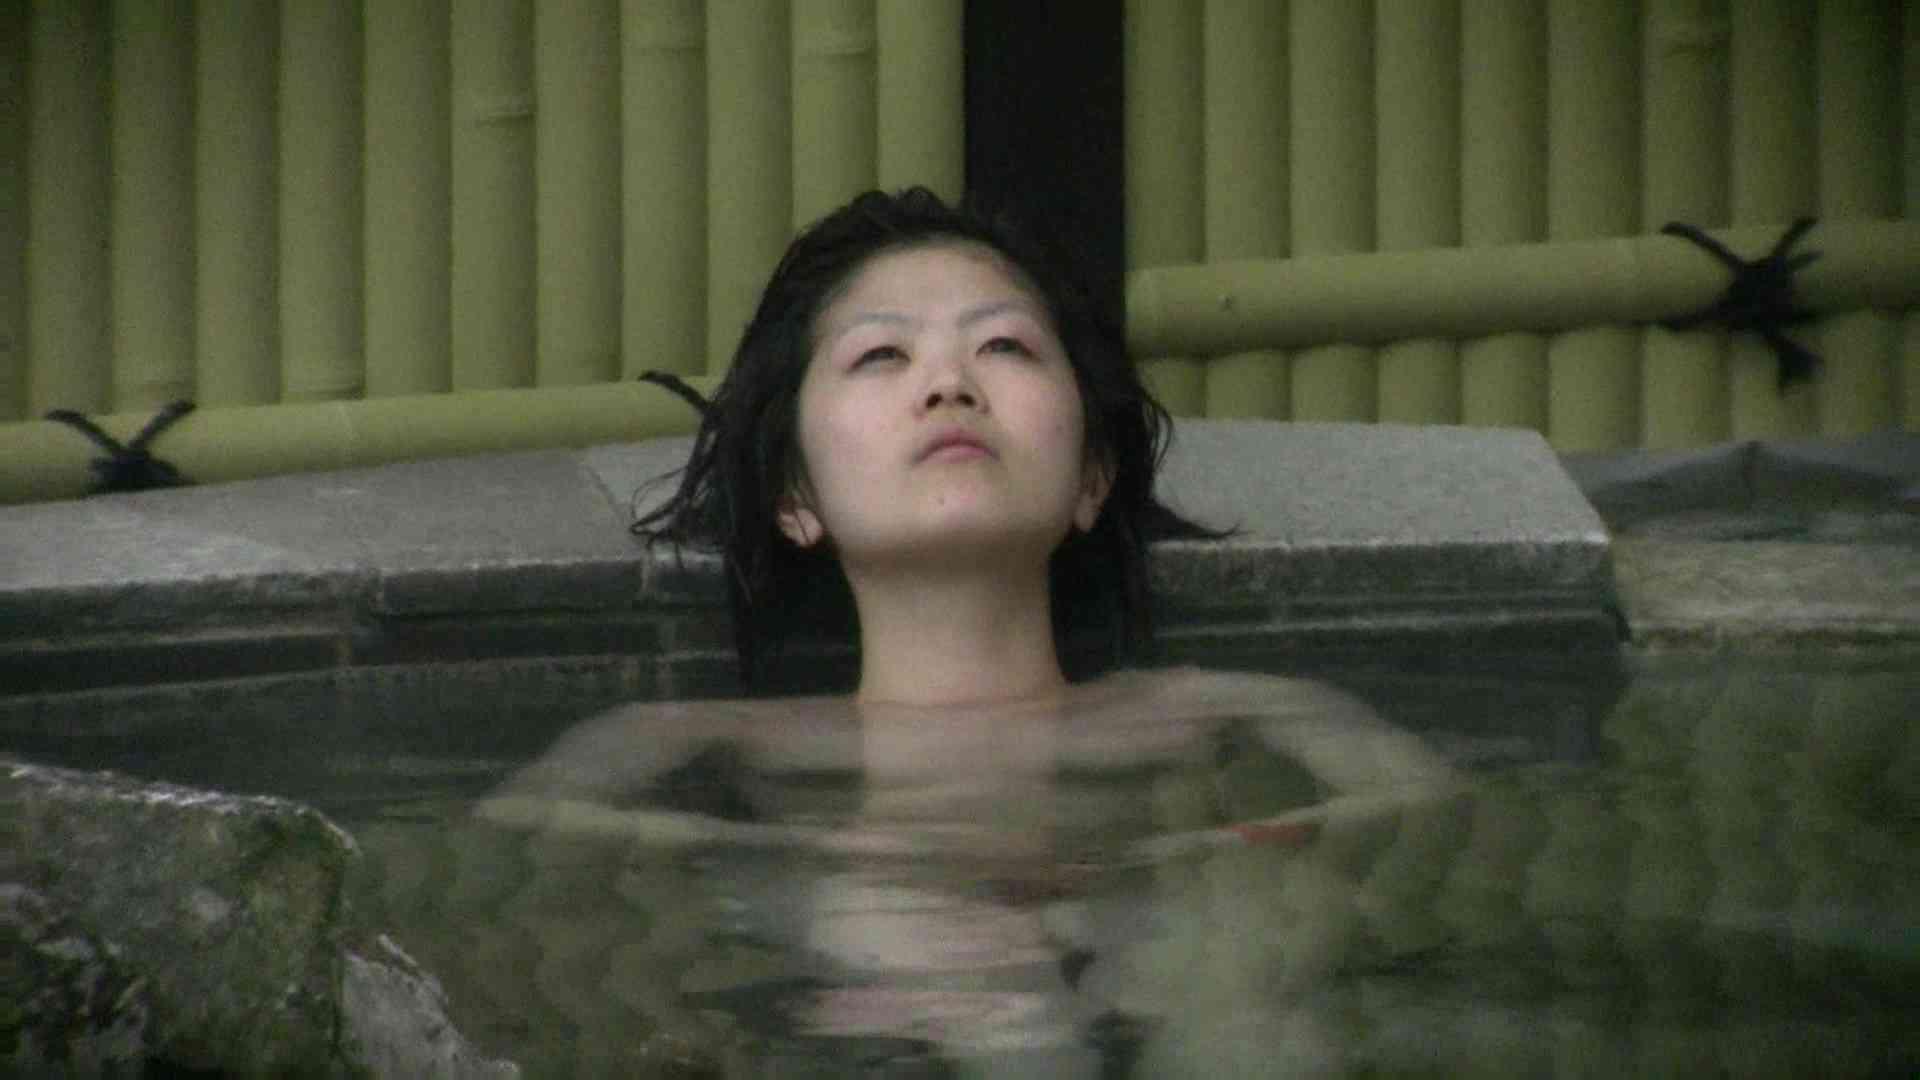 Aquaな露天風呂Vol.538 OLのエロ生活  90連発 18